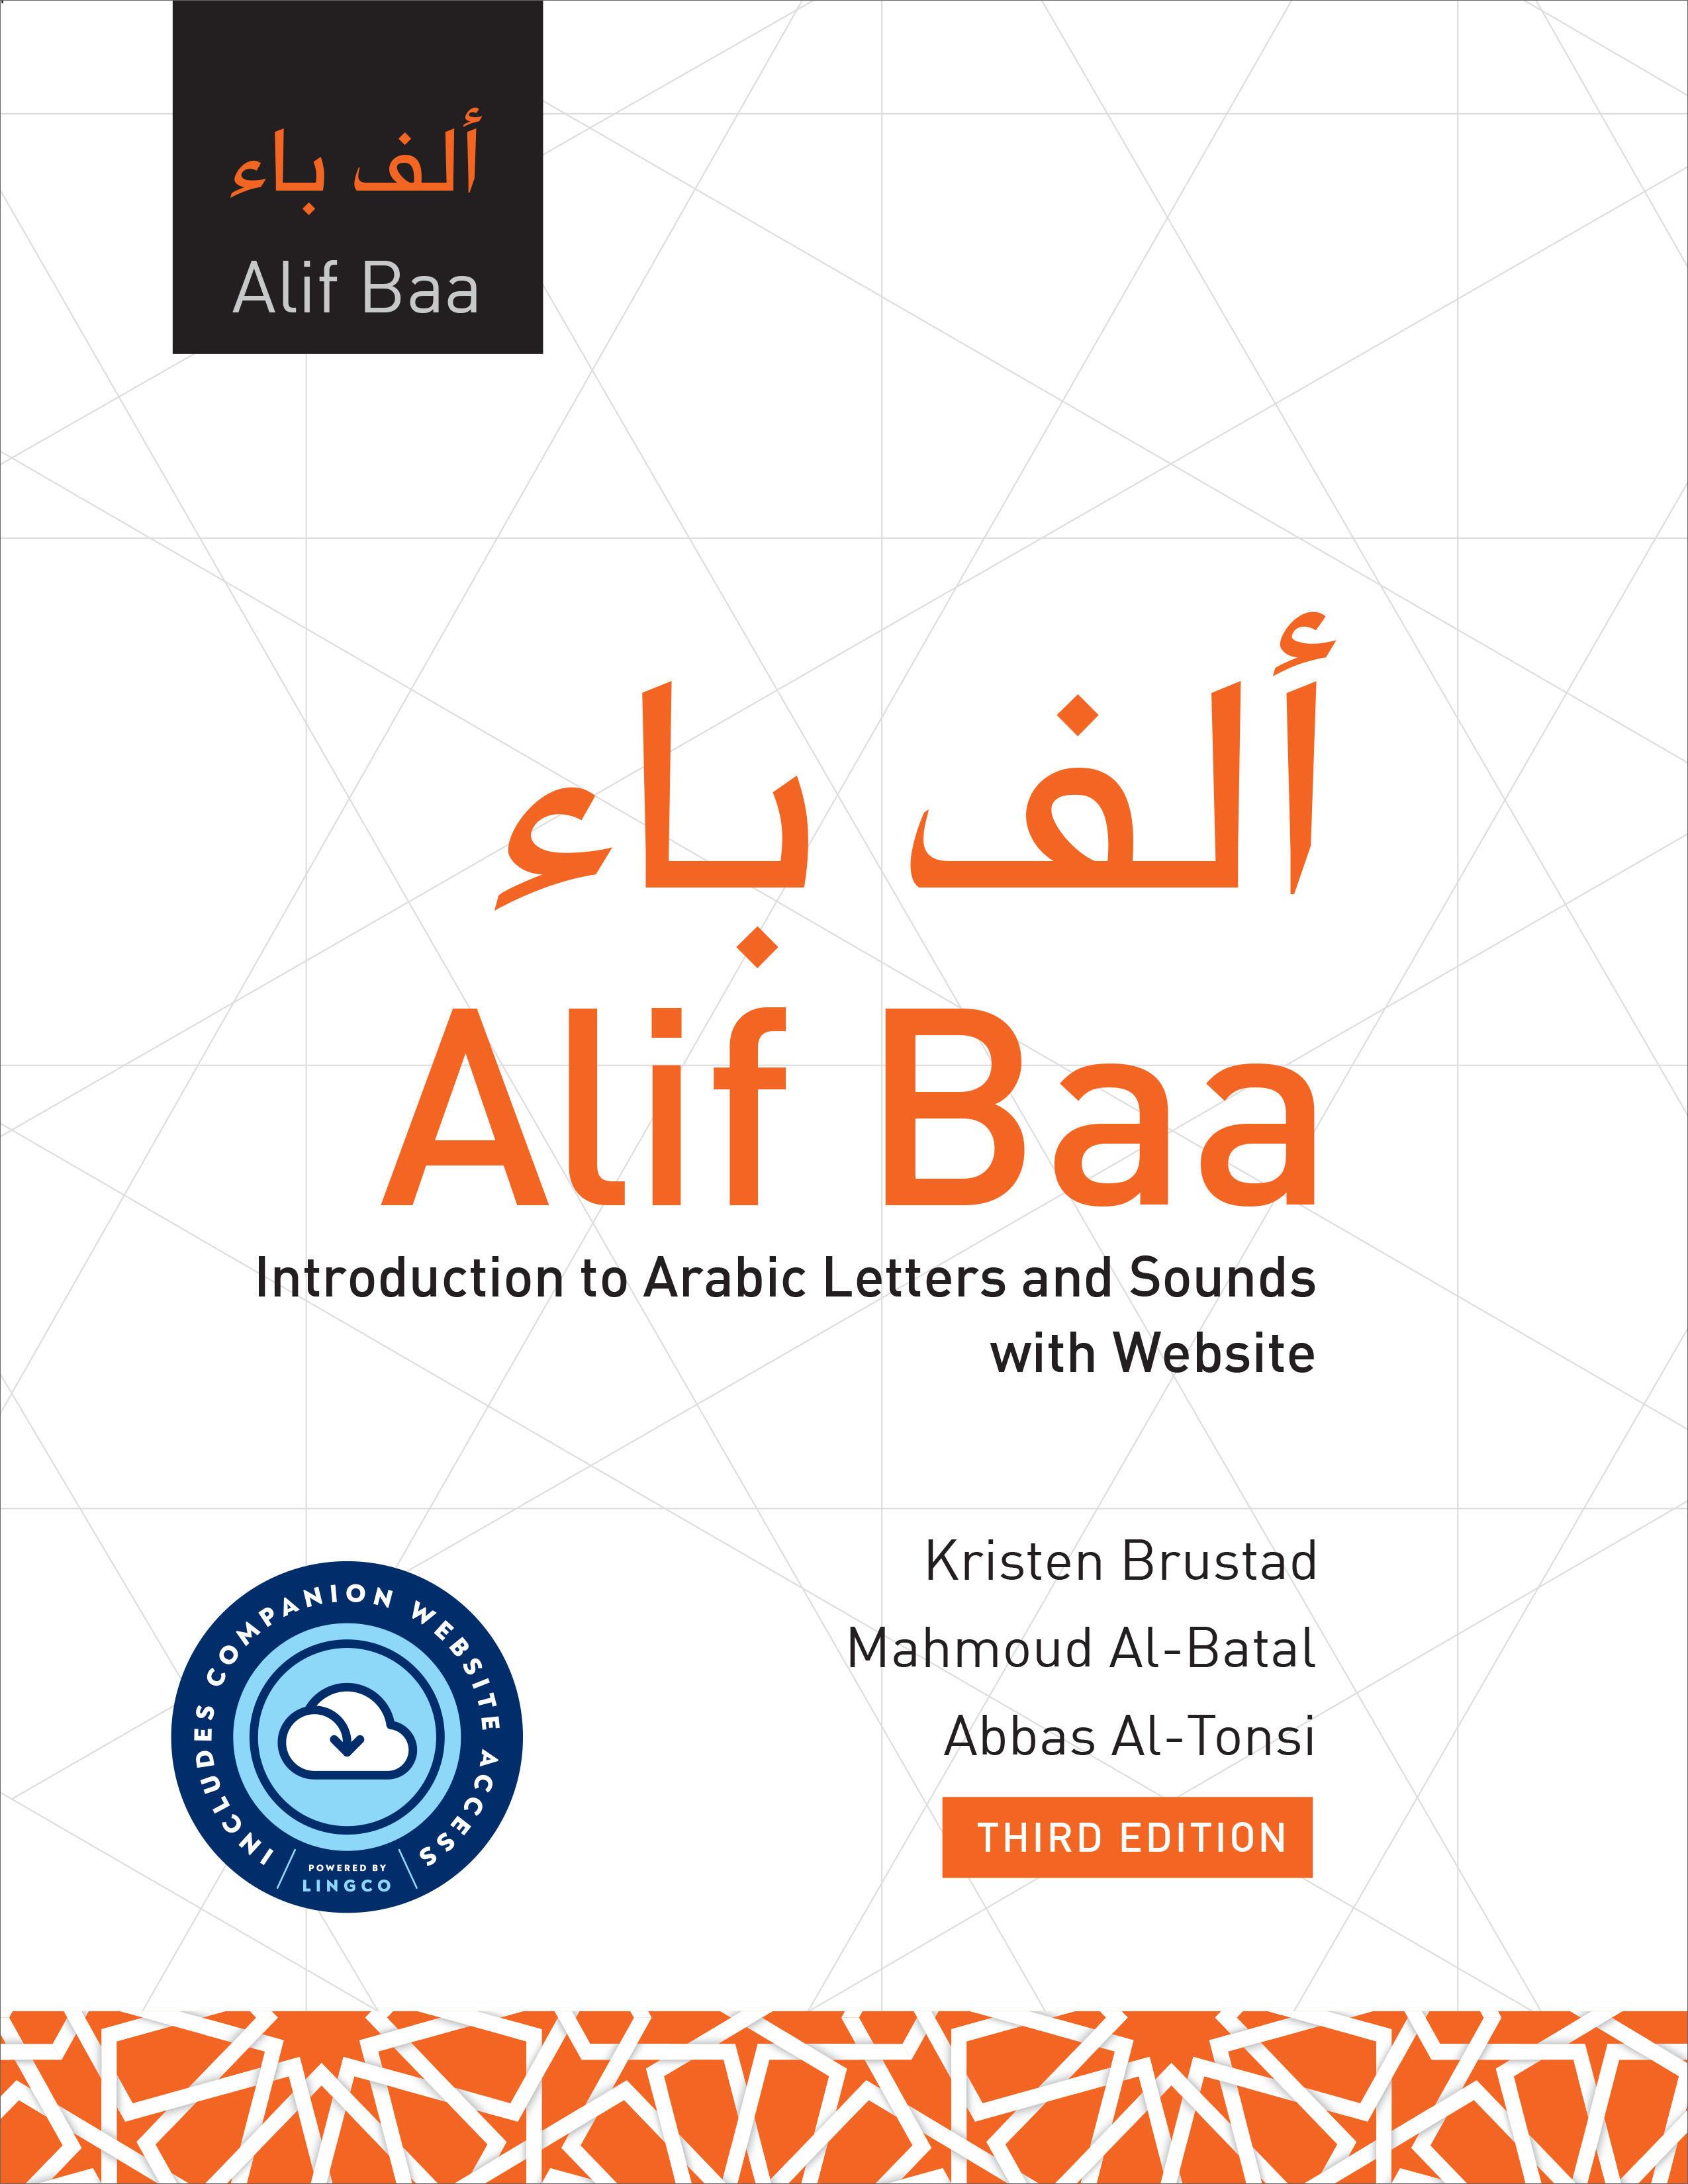 Alif Baa with Website